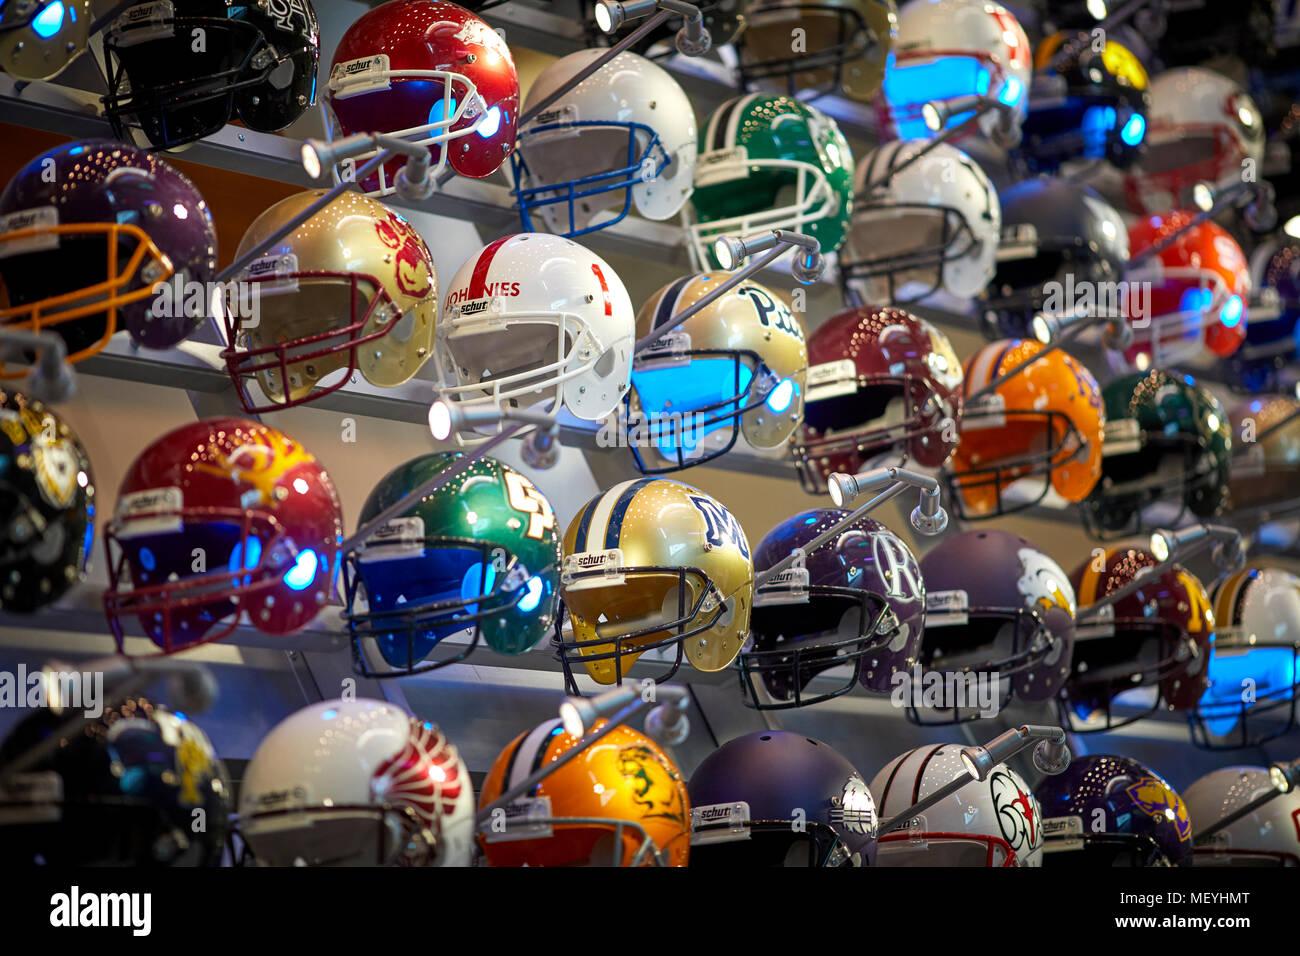 Fantastisch Fußball Helm Färbung Seite Bilder - Malvorlagen-Ideen ...